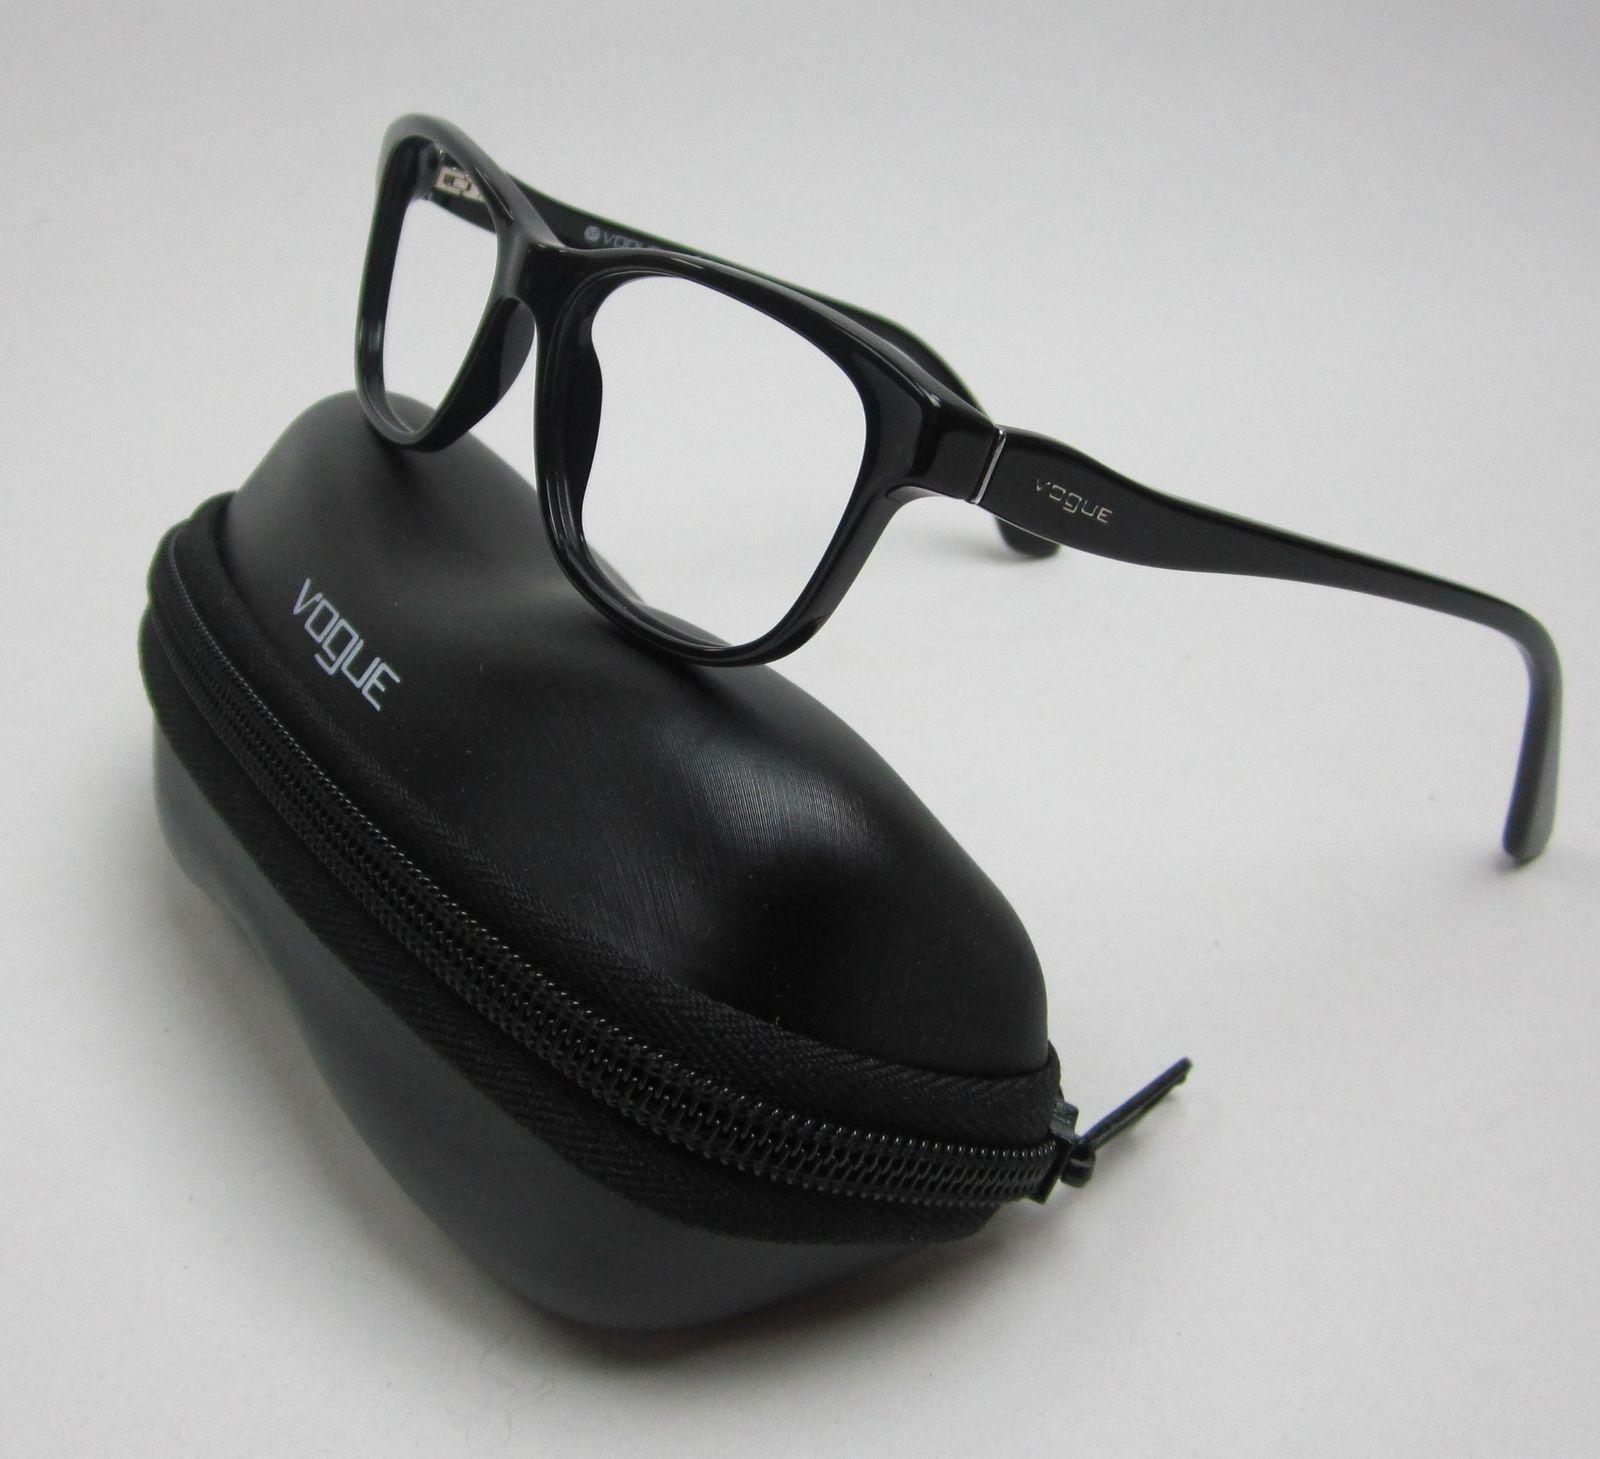 24a87e26ab Vogue VO2908 W44 Eyeglasses 51 16 140  STD740 and 50 similar items